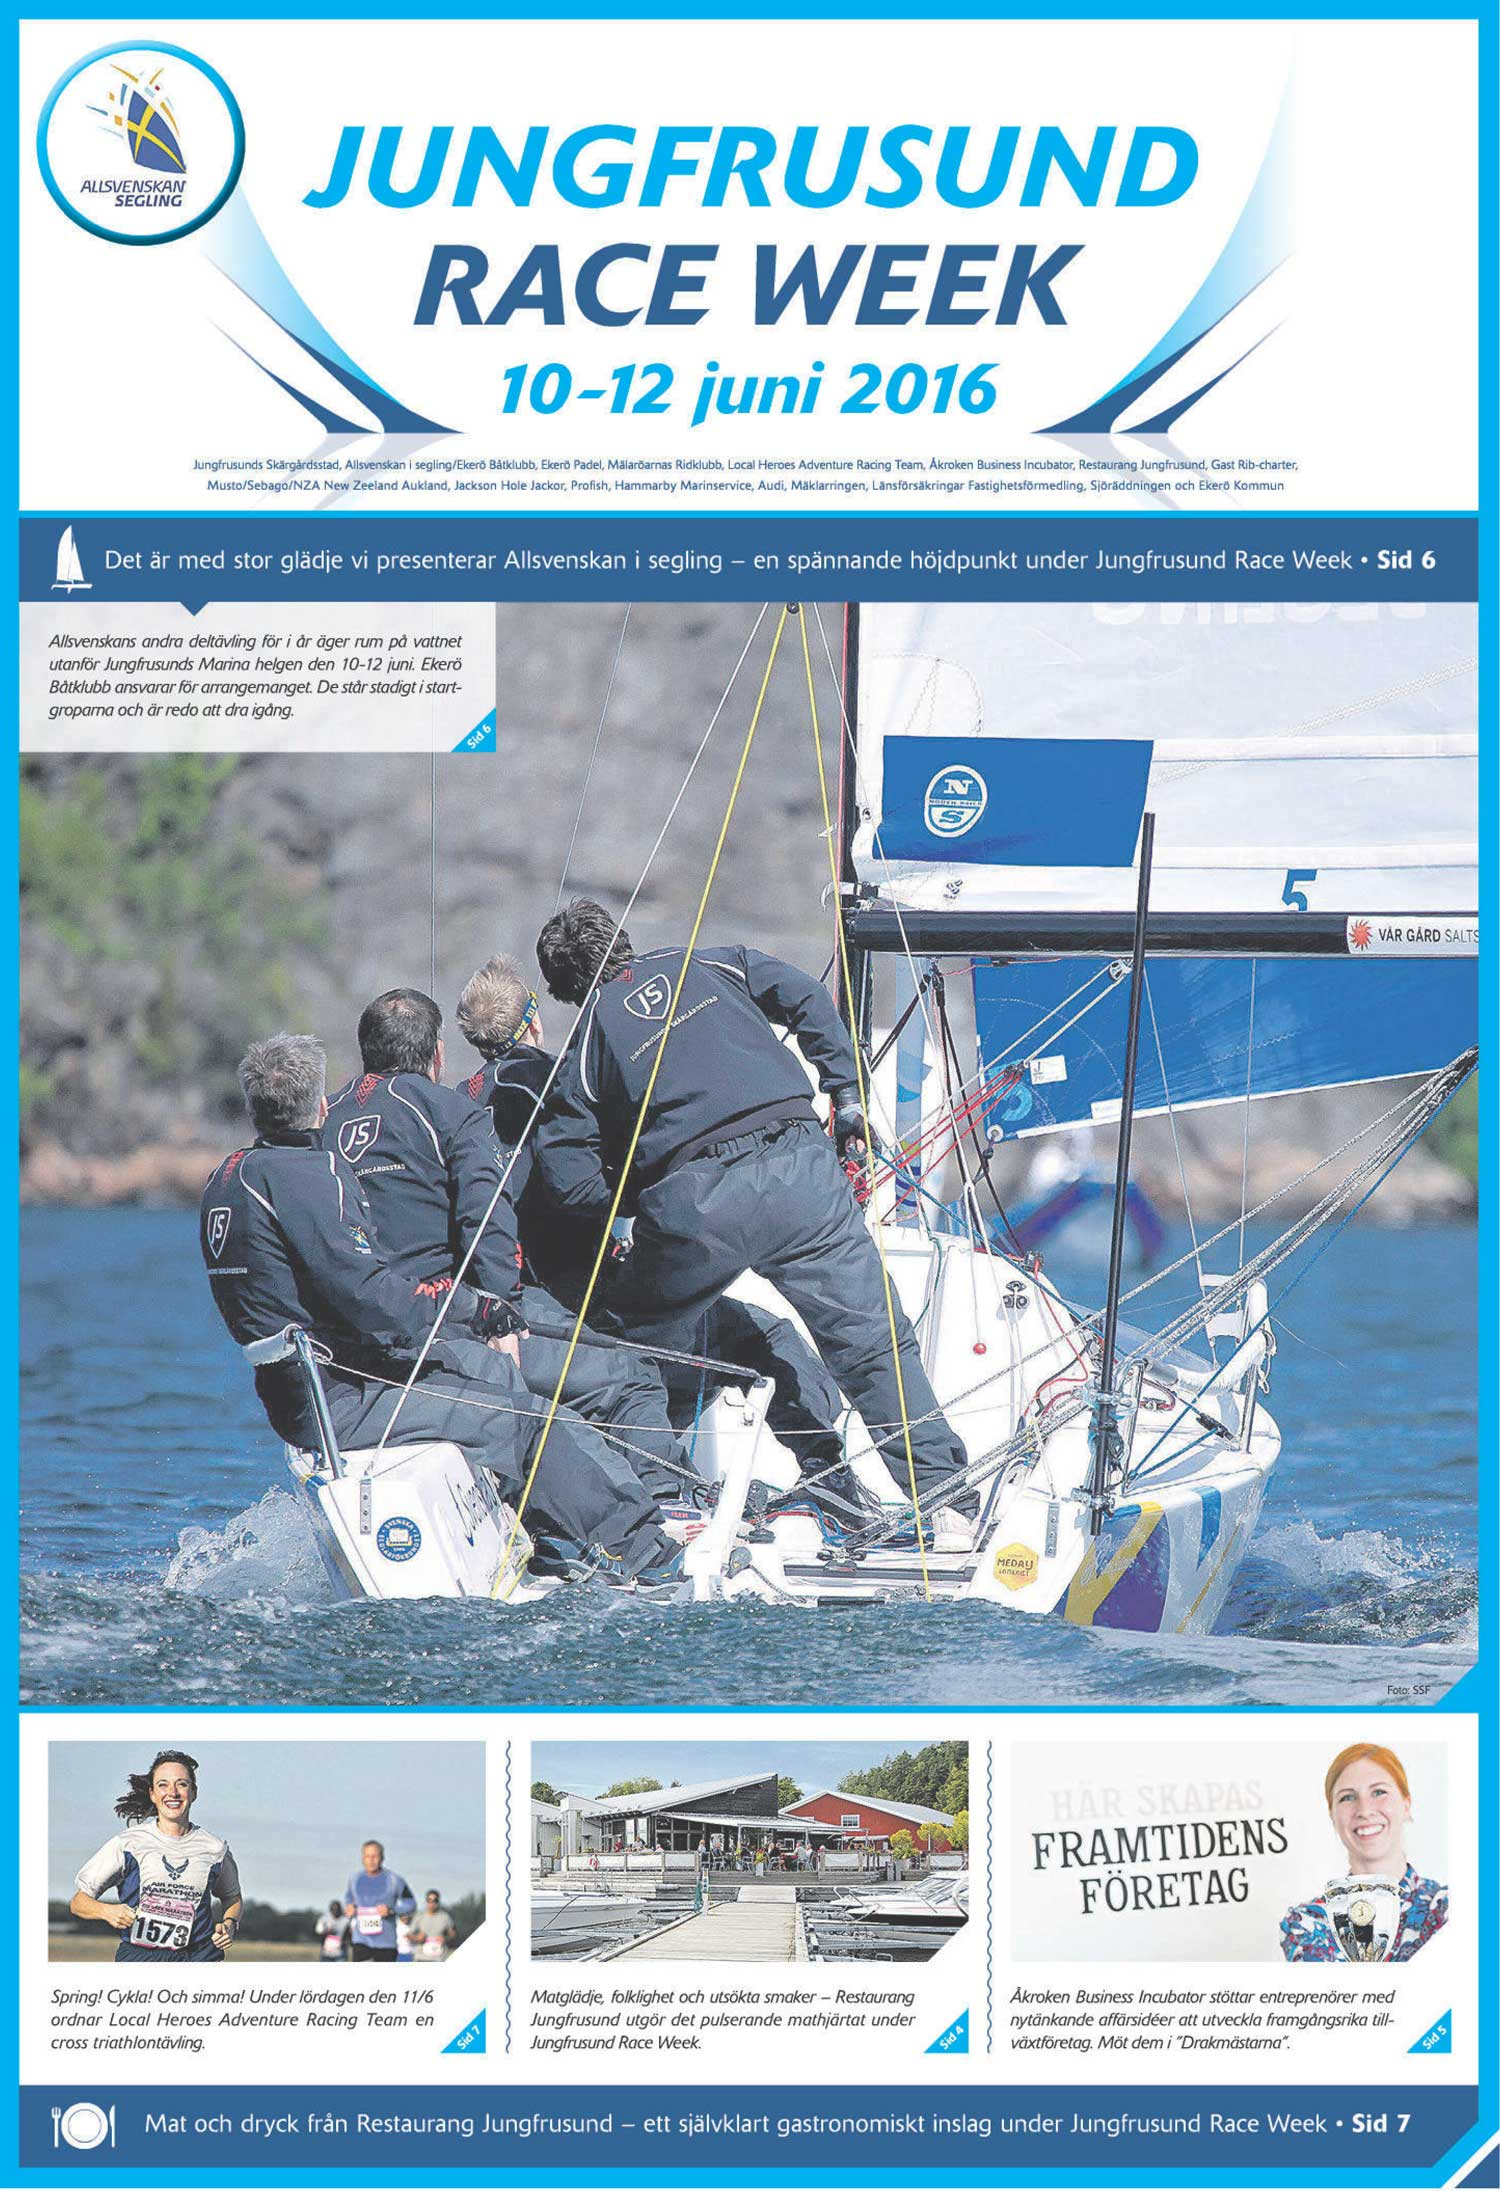 Premiär för Jungfrusund Race Week 10-12 juni